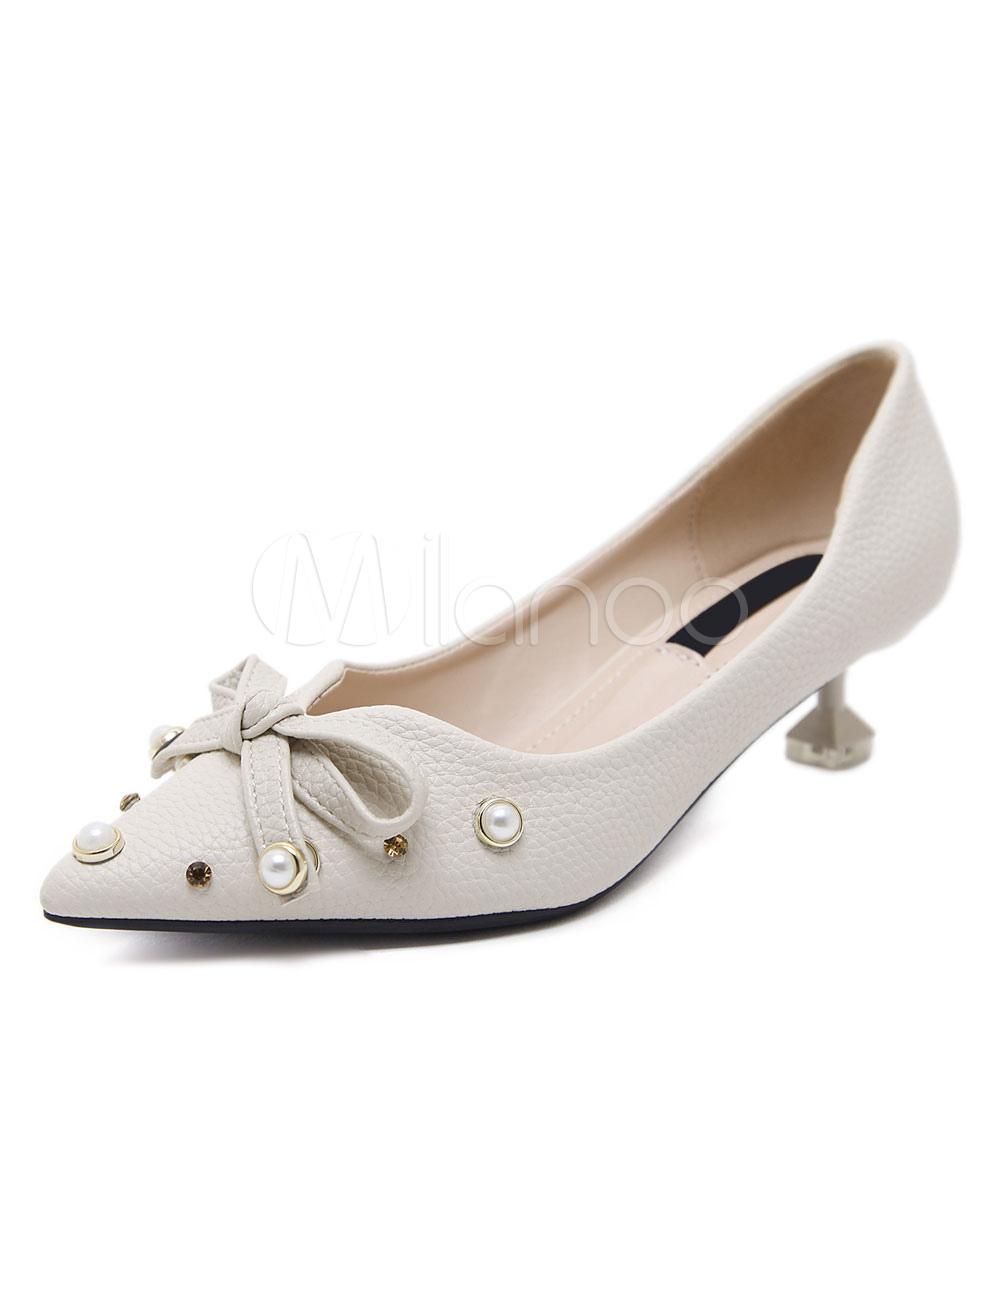 Scarpe con tacchi alti · Media · Tacchi medi decolletè pU donna fiocchi  perle a punta tacco basso e fino 5cm -No ... b4d8a88cb0a